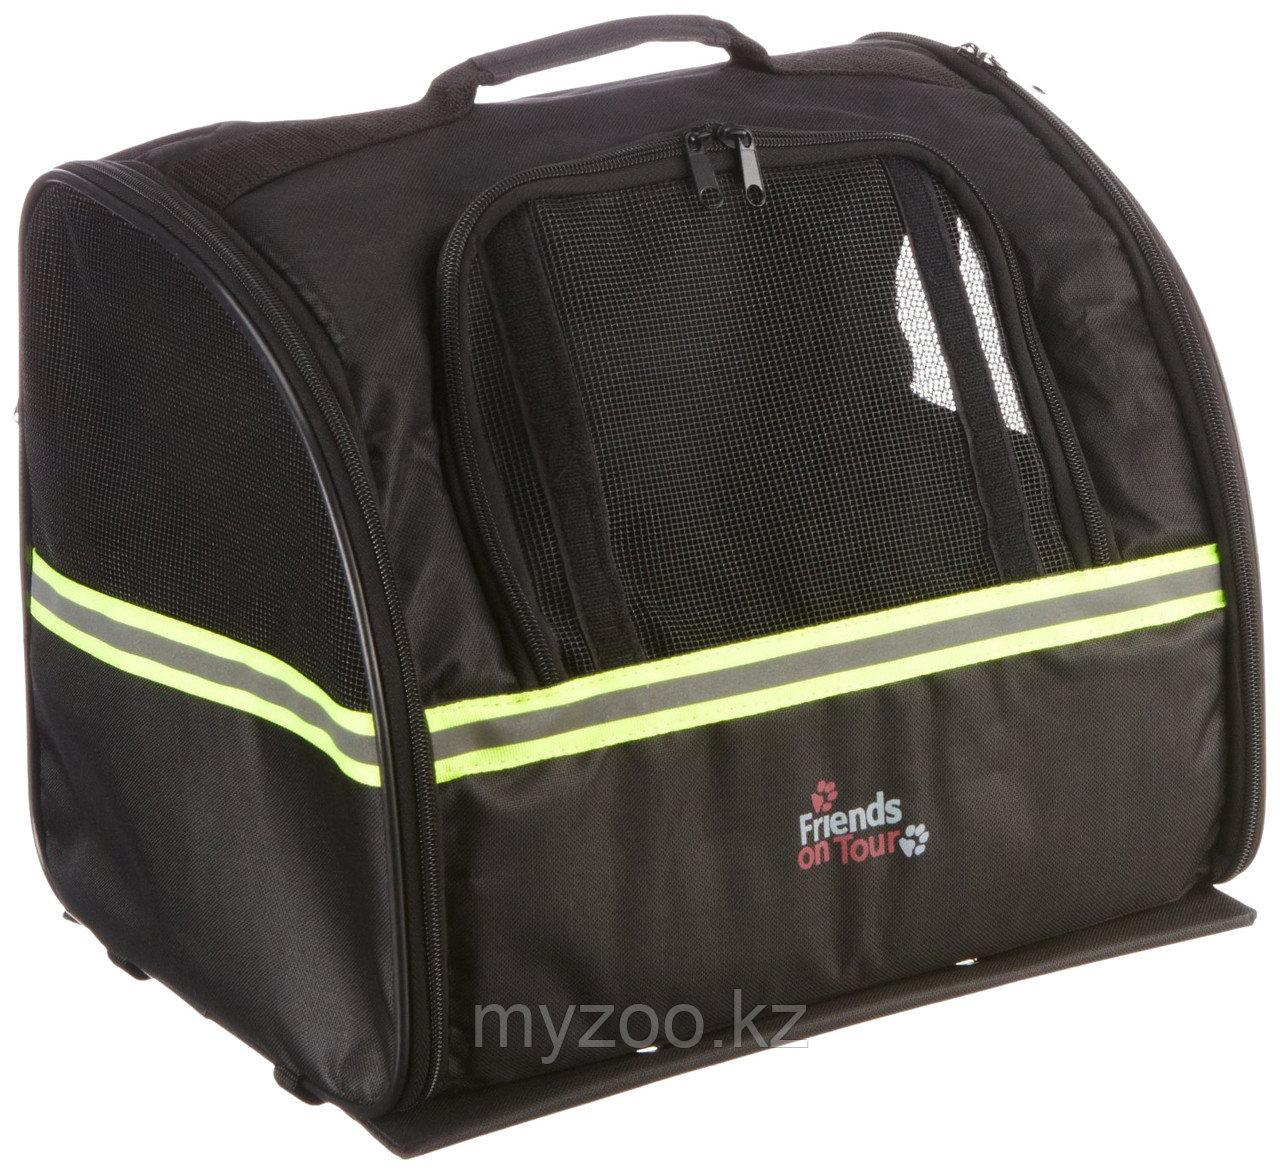 Сумка-переноска для собак,Для перевозки животных на багажнике велосипеда,35x28x29